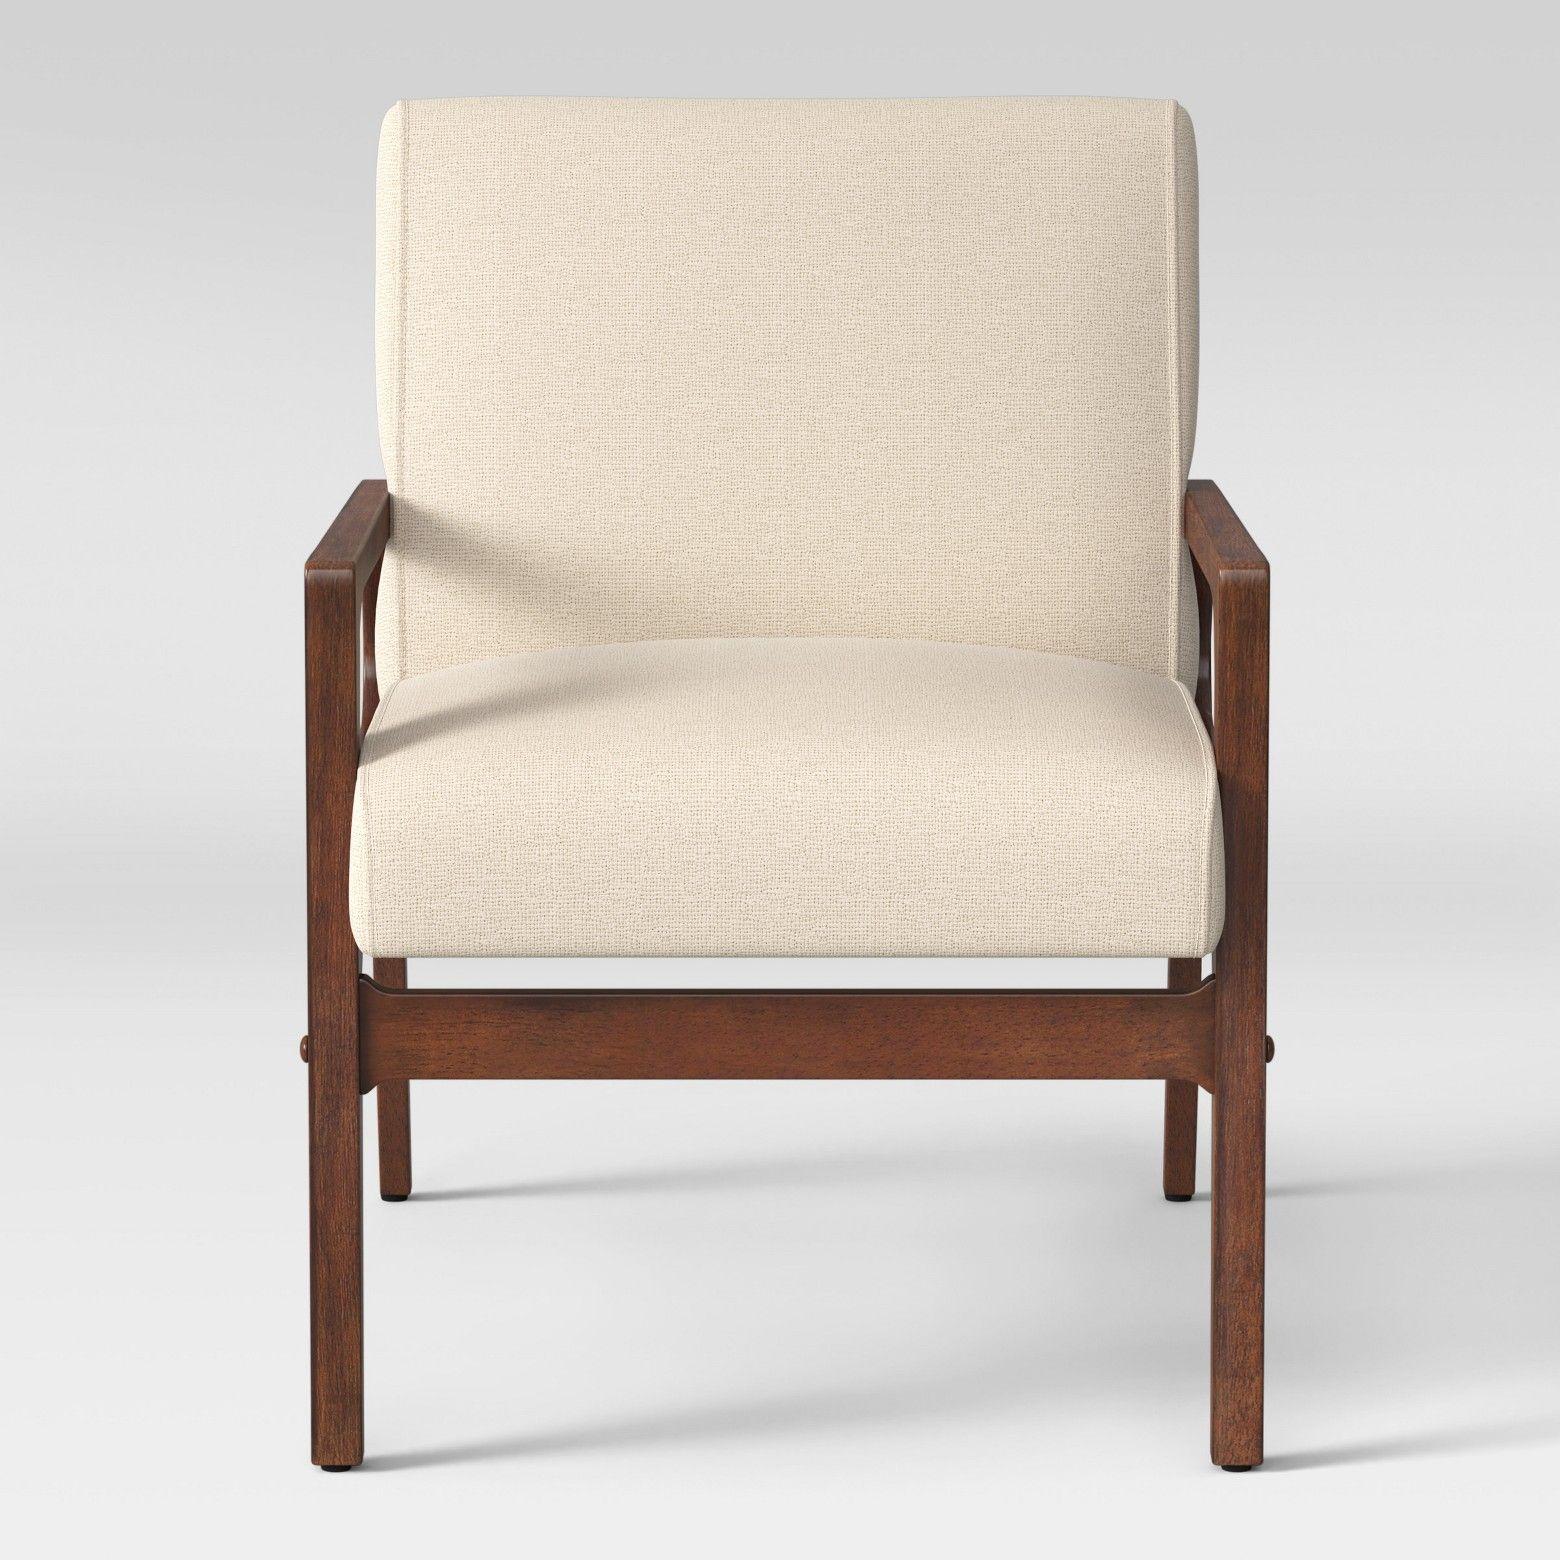 Elegant Mid Century Modern Furniture Minnesota